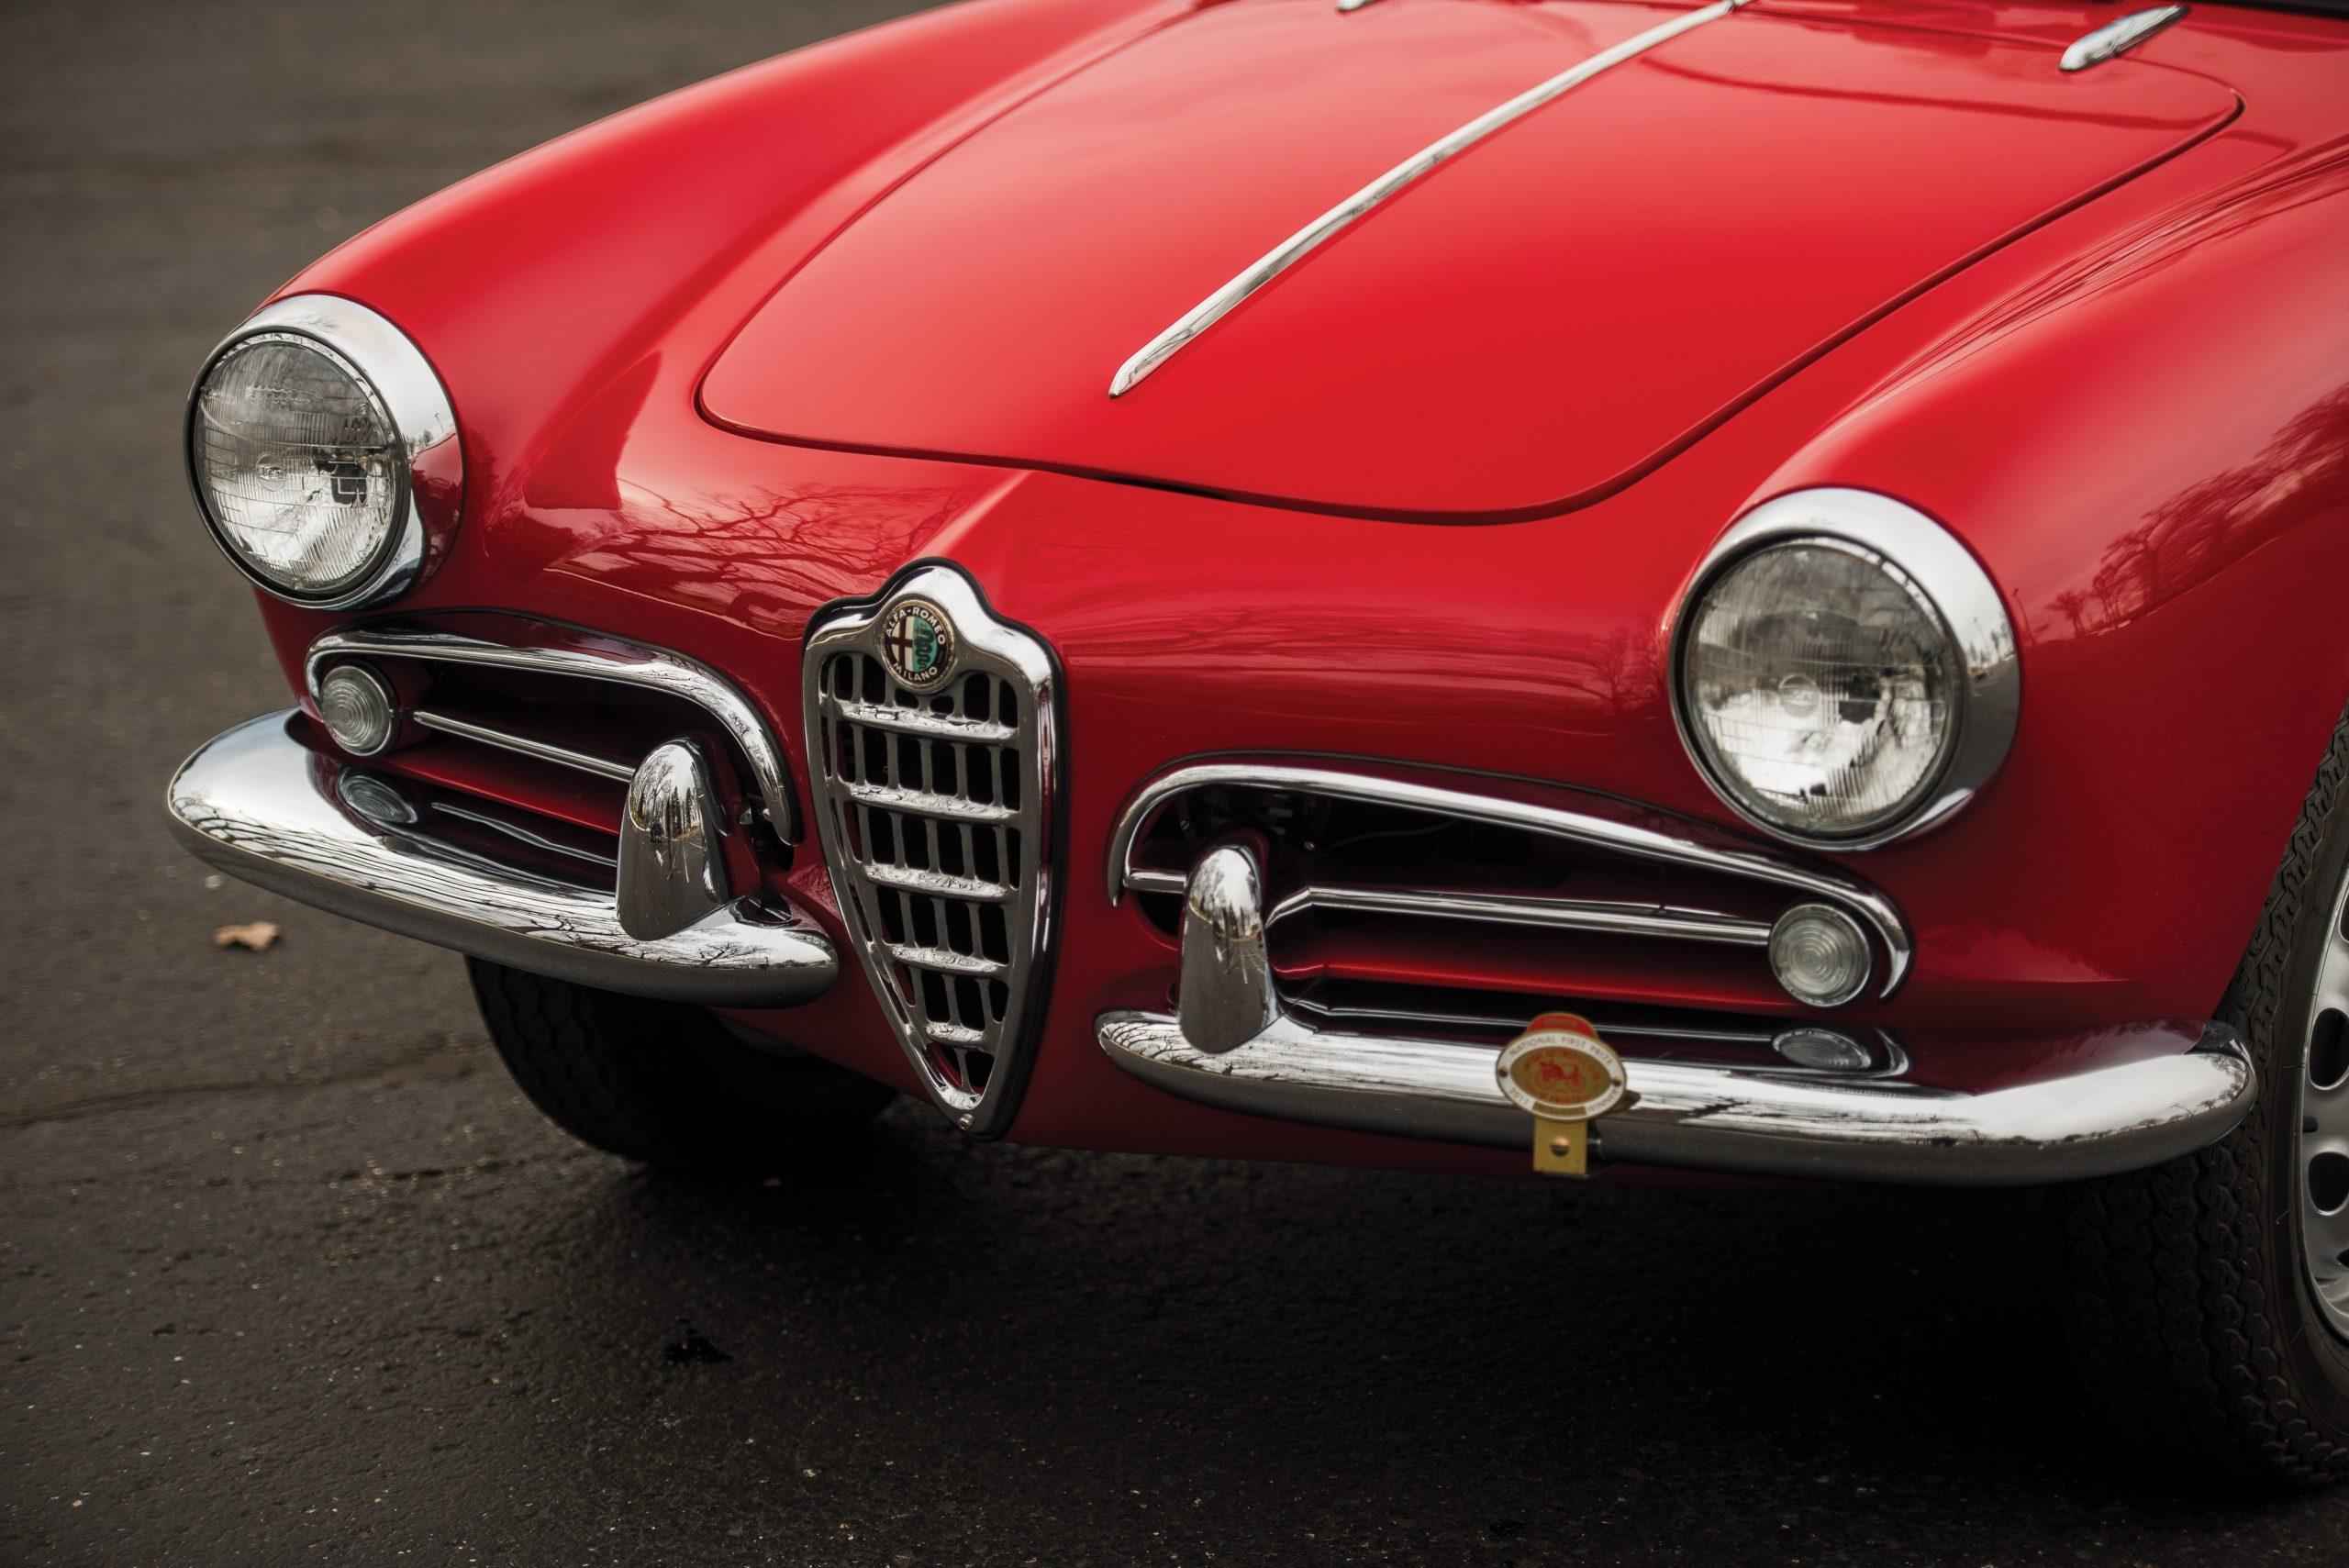 1959 Alfa Romeo Giulietta Spider front end